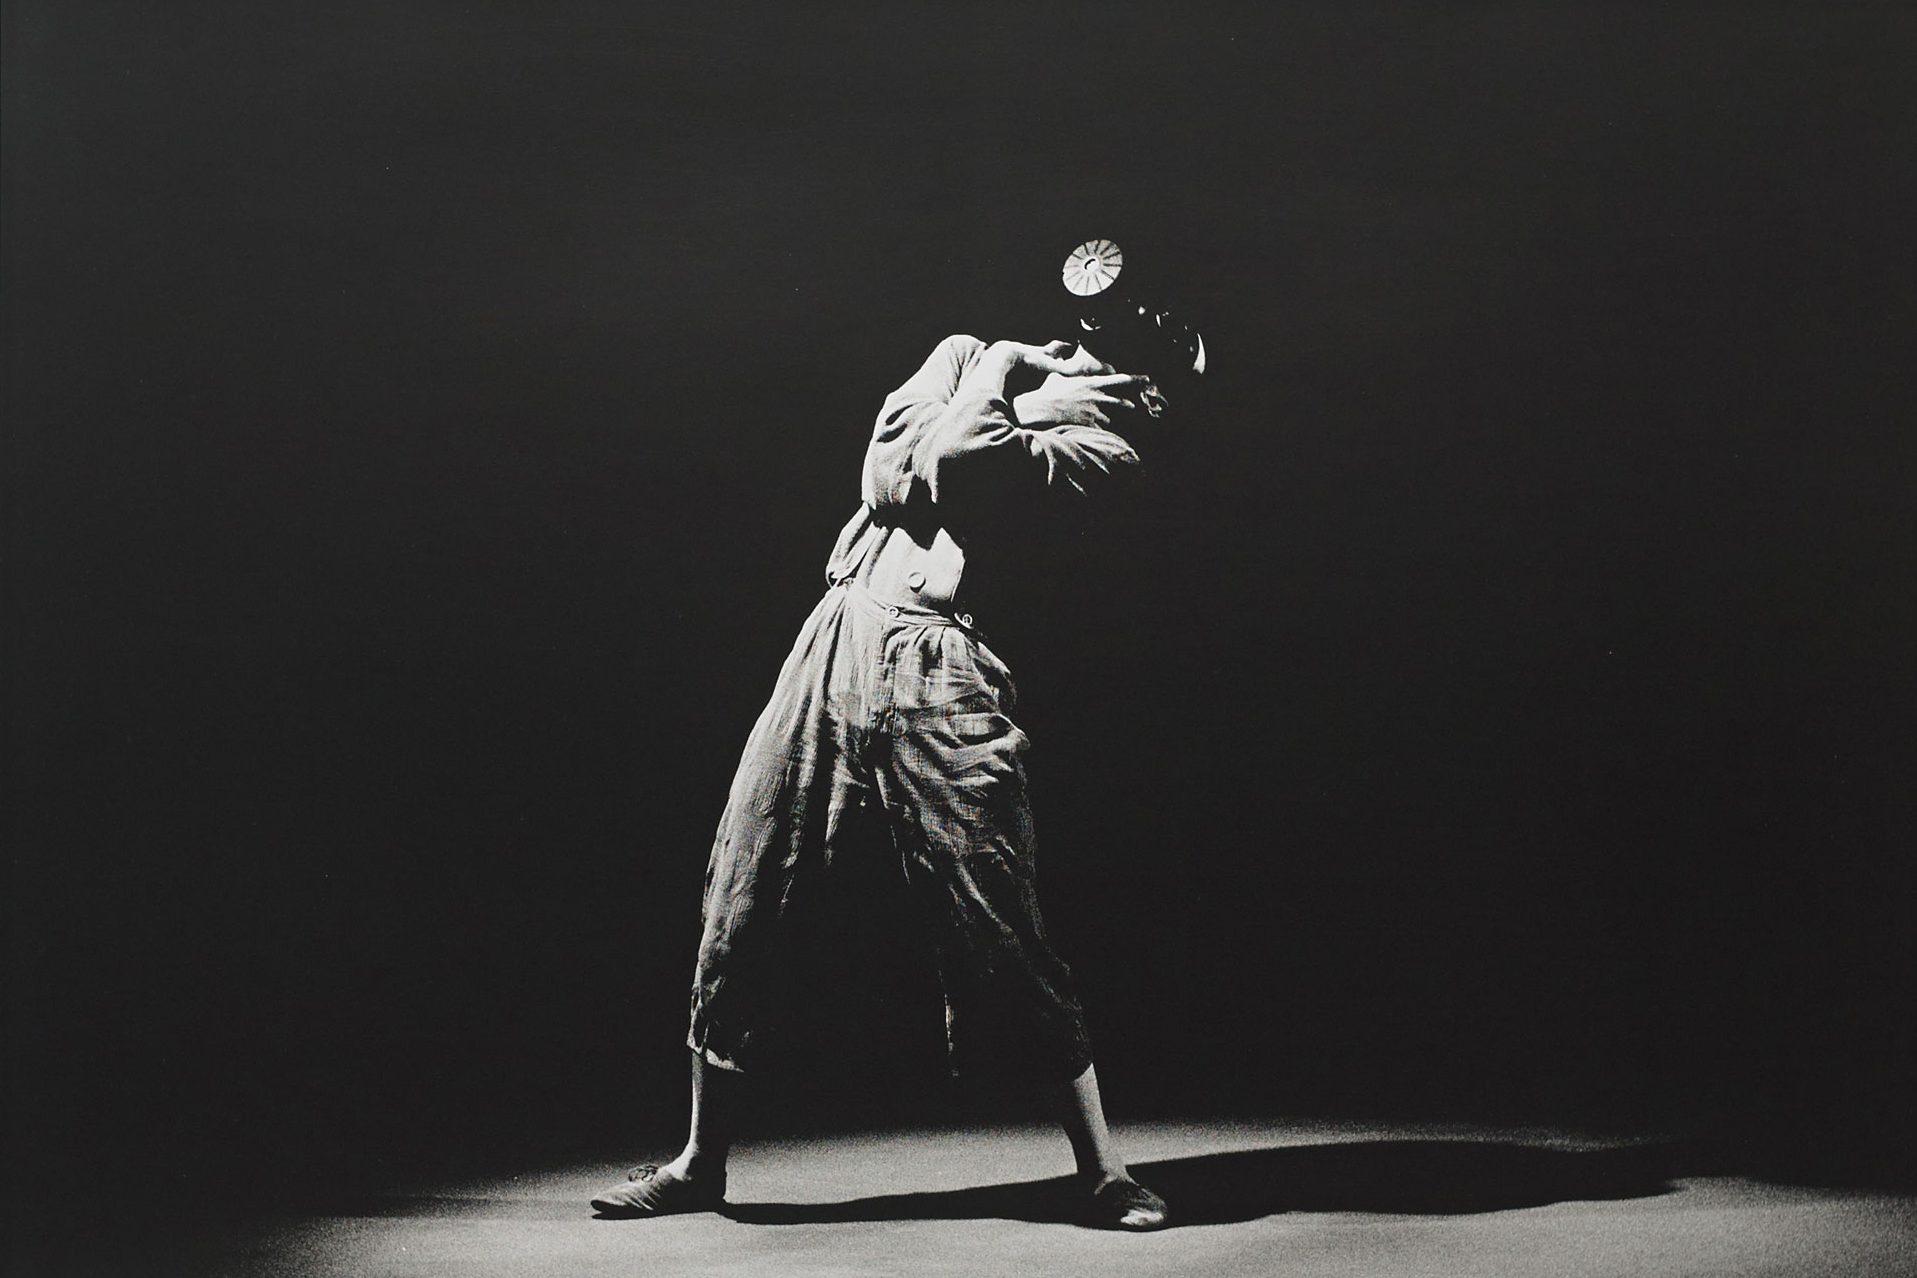 Ein Mann steht in einem Fotostudio und wird dramatisch beleuchtet.